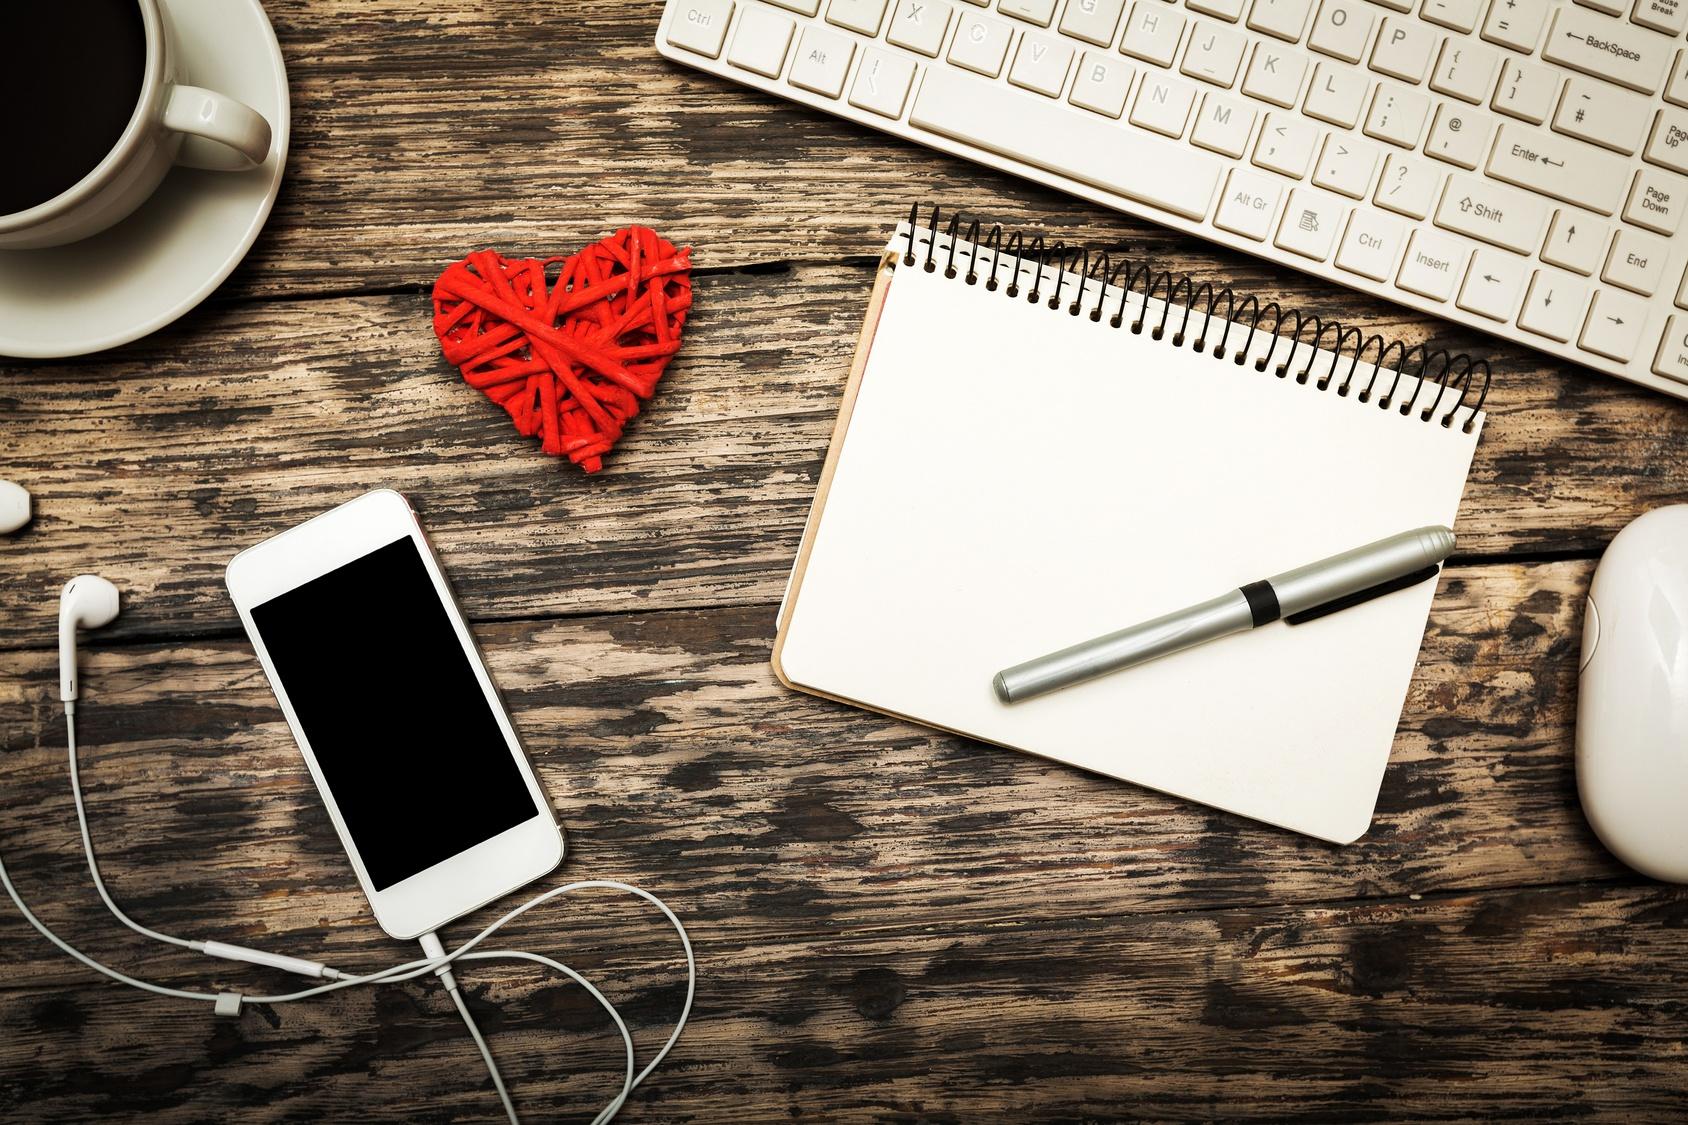 Marketing społecznościowy i strona firmowa na Facebooku – chwilowa moda czy konieczność?